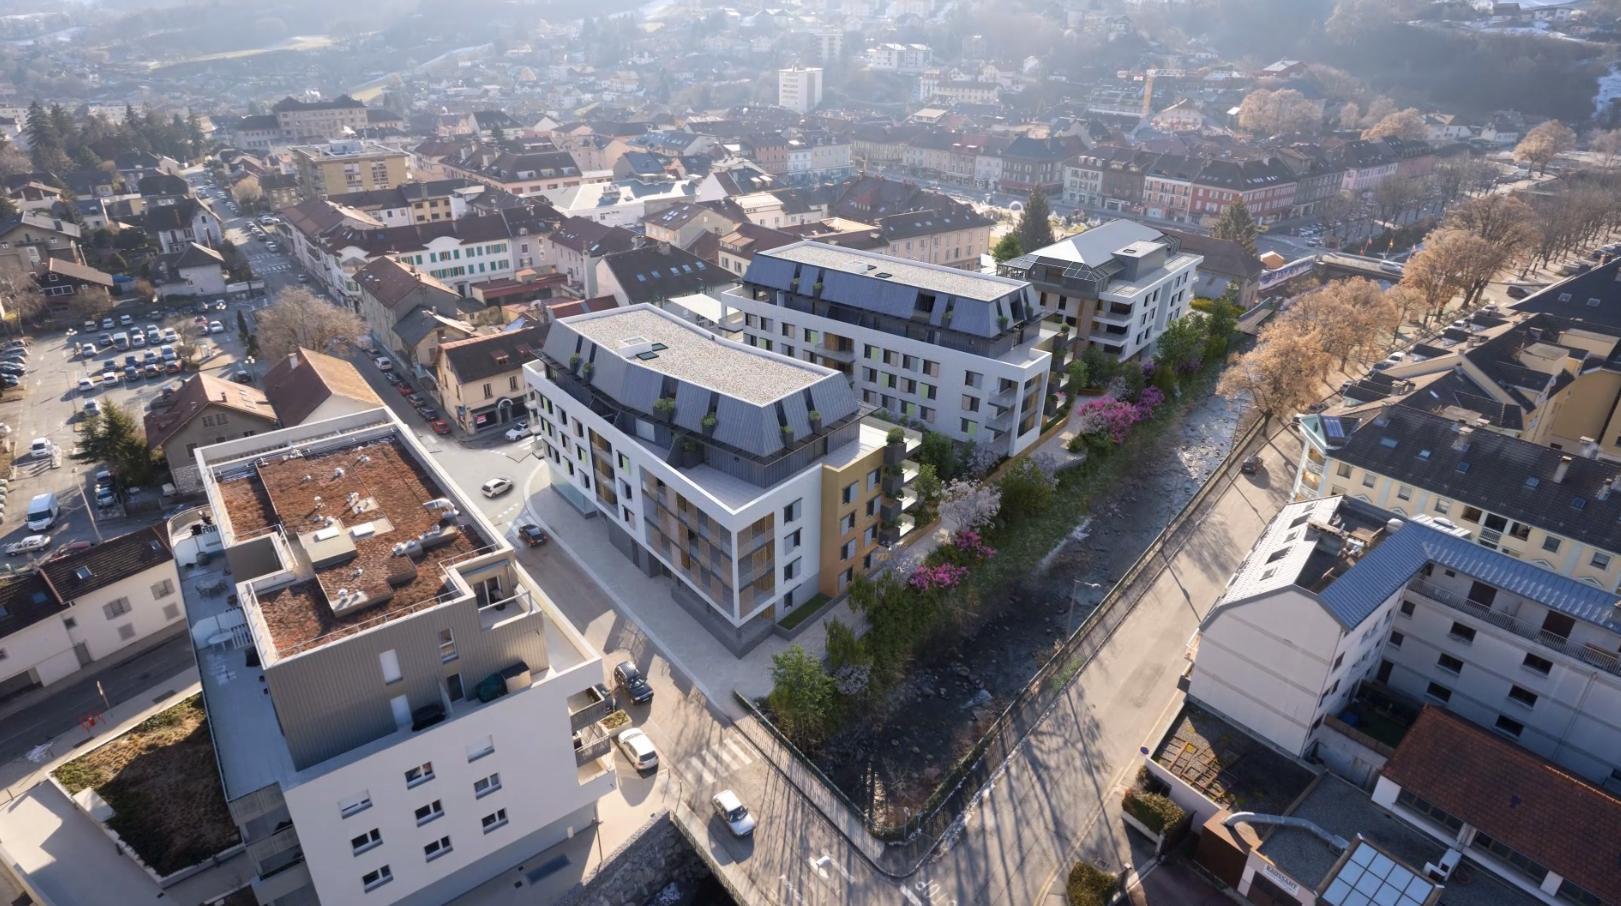 Les trois nouveaux bâtiments devraient être livrés par Teractem, à l'automne 2022.